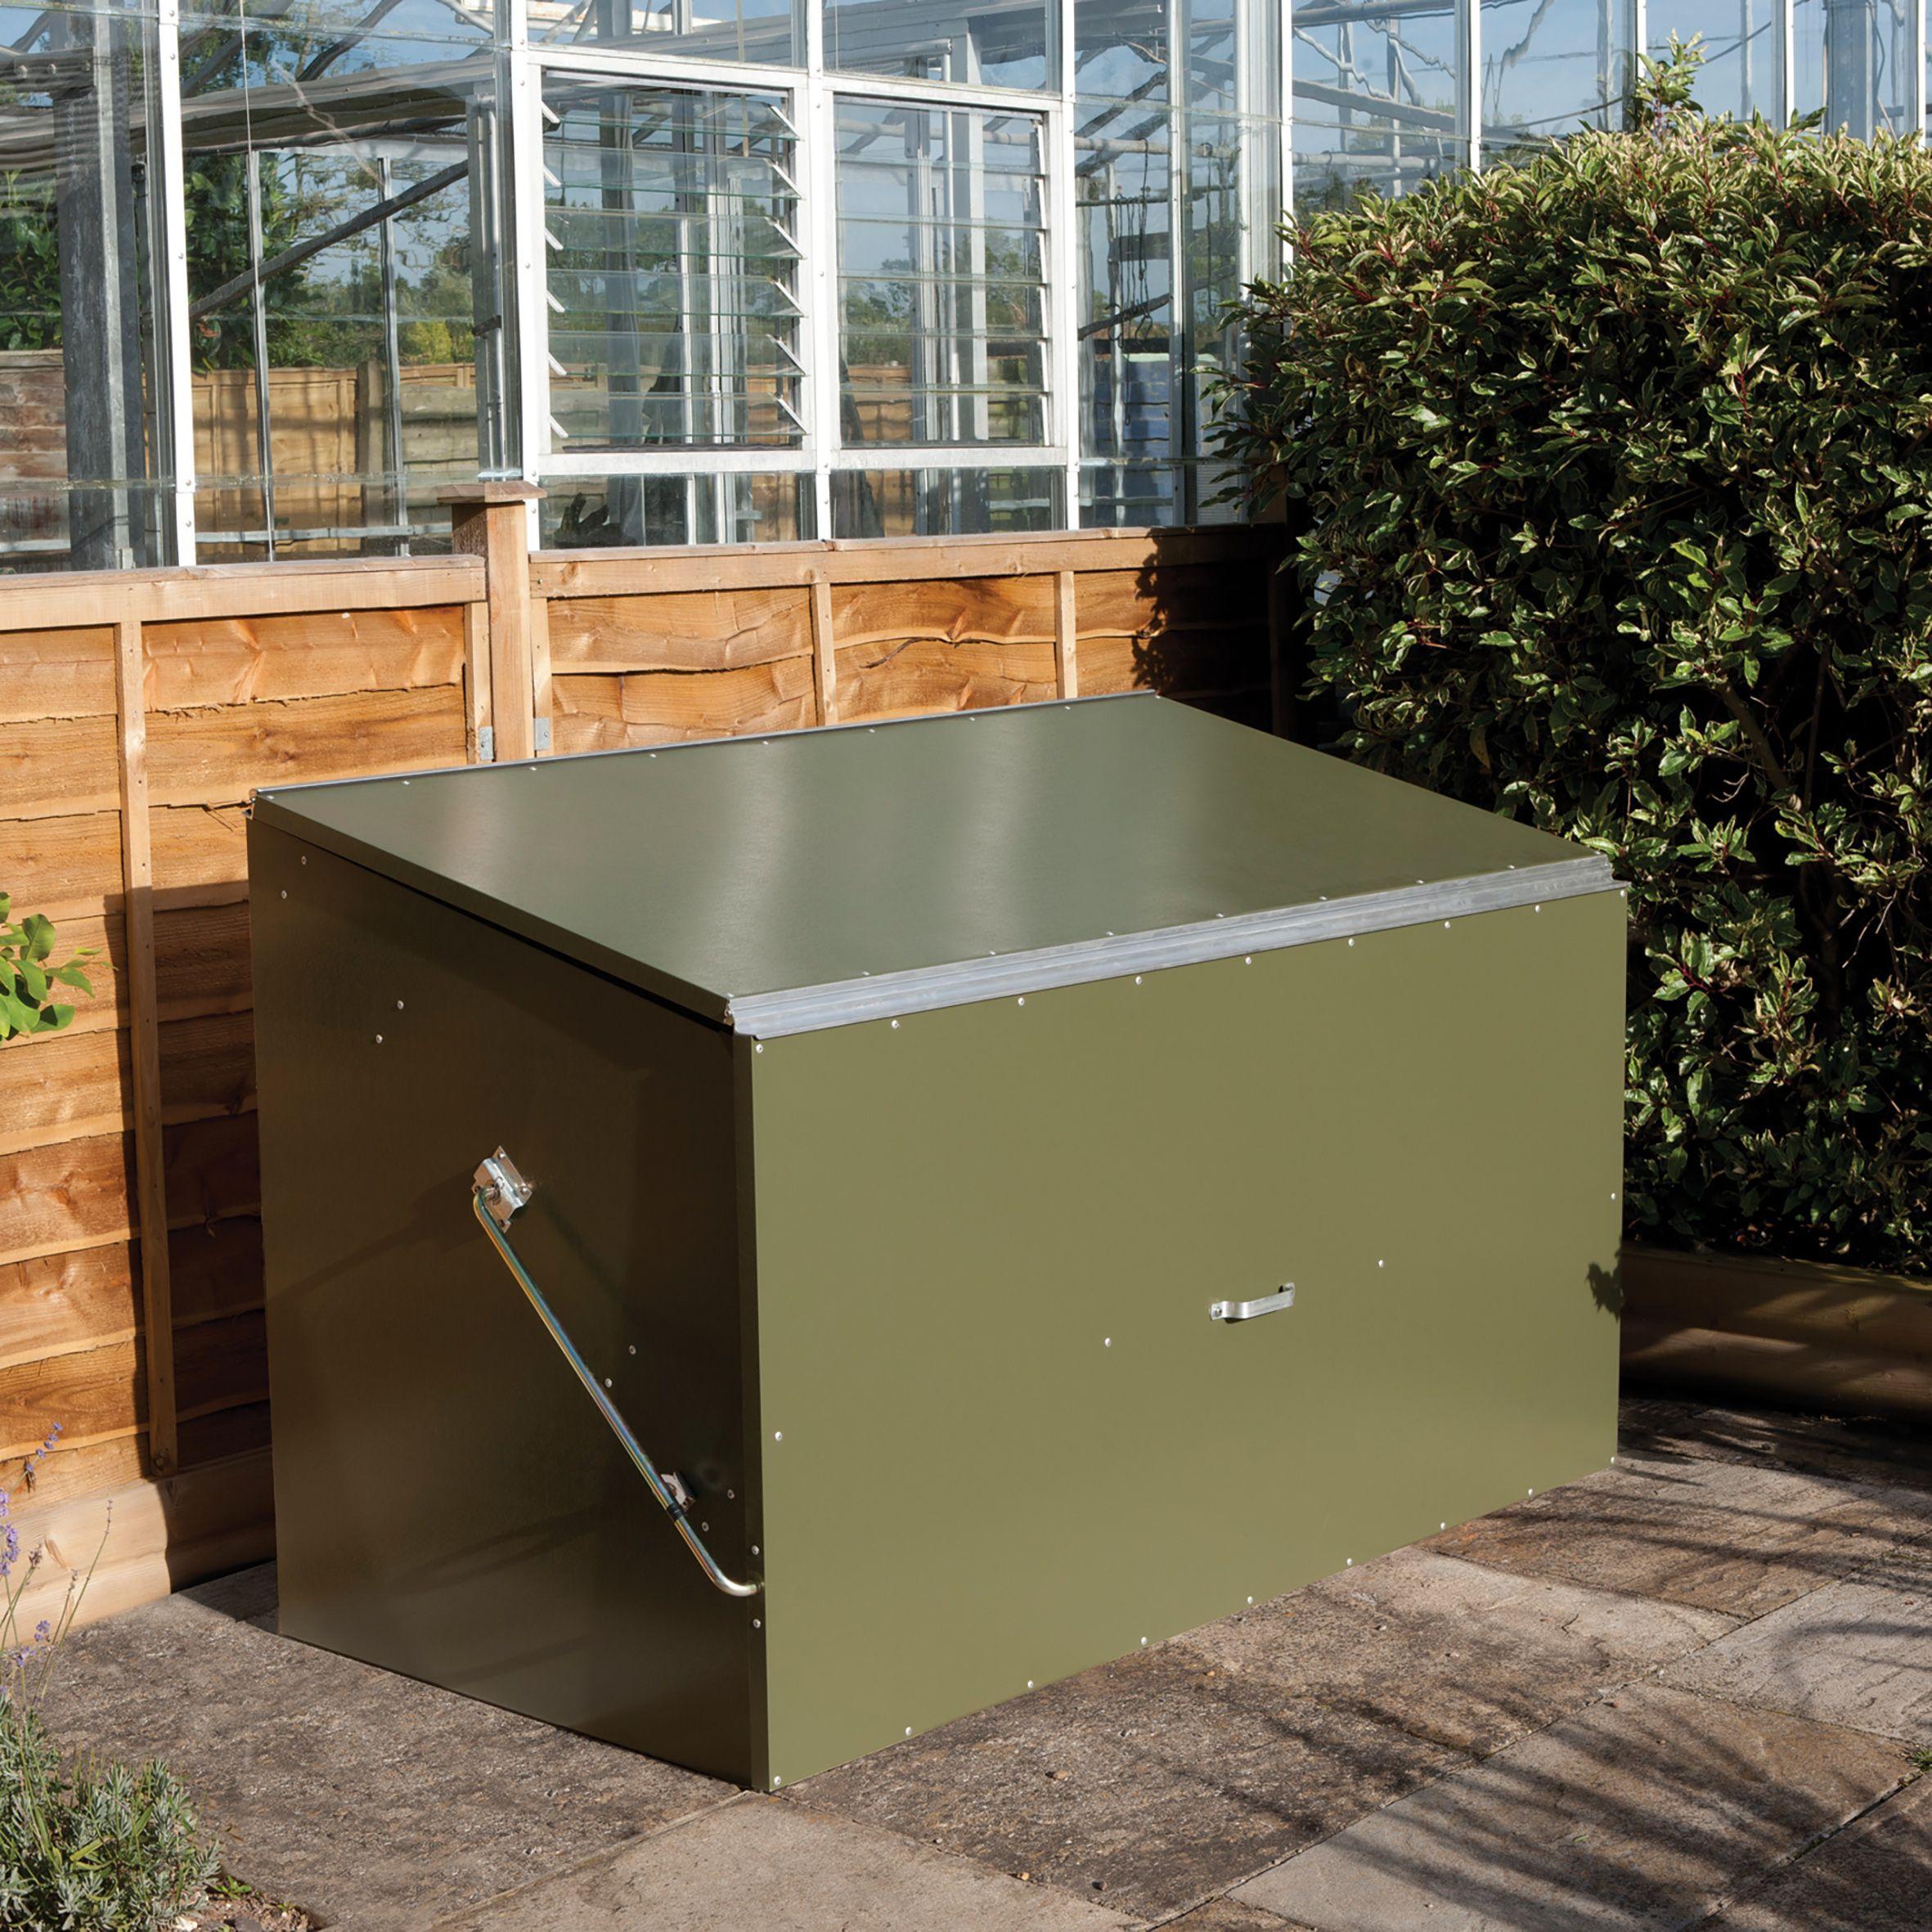 Kitchen Garden Box With Wire Top: Pent Metal Garden Storage Box 6x3